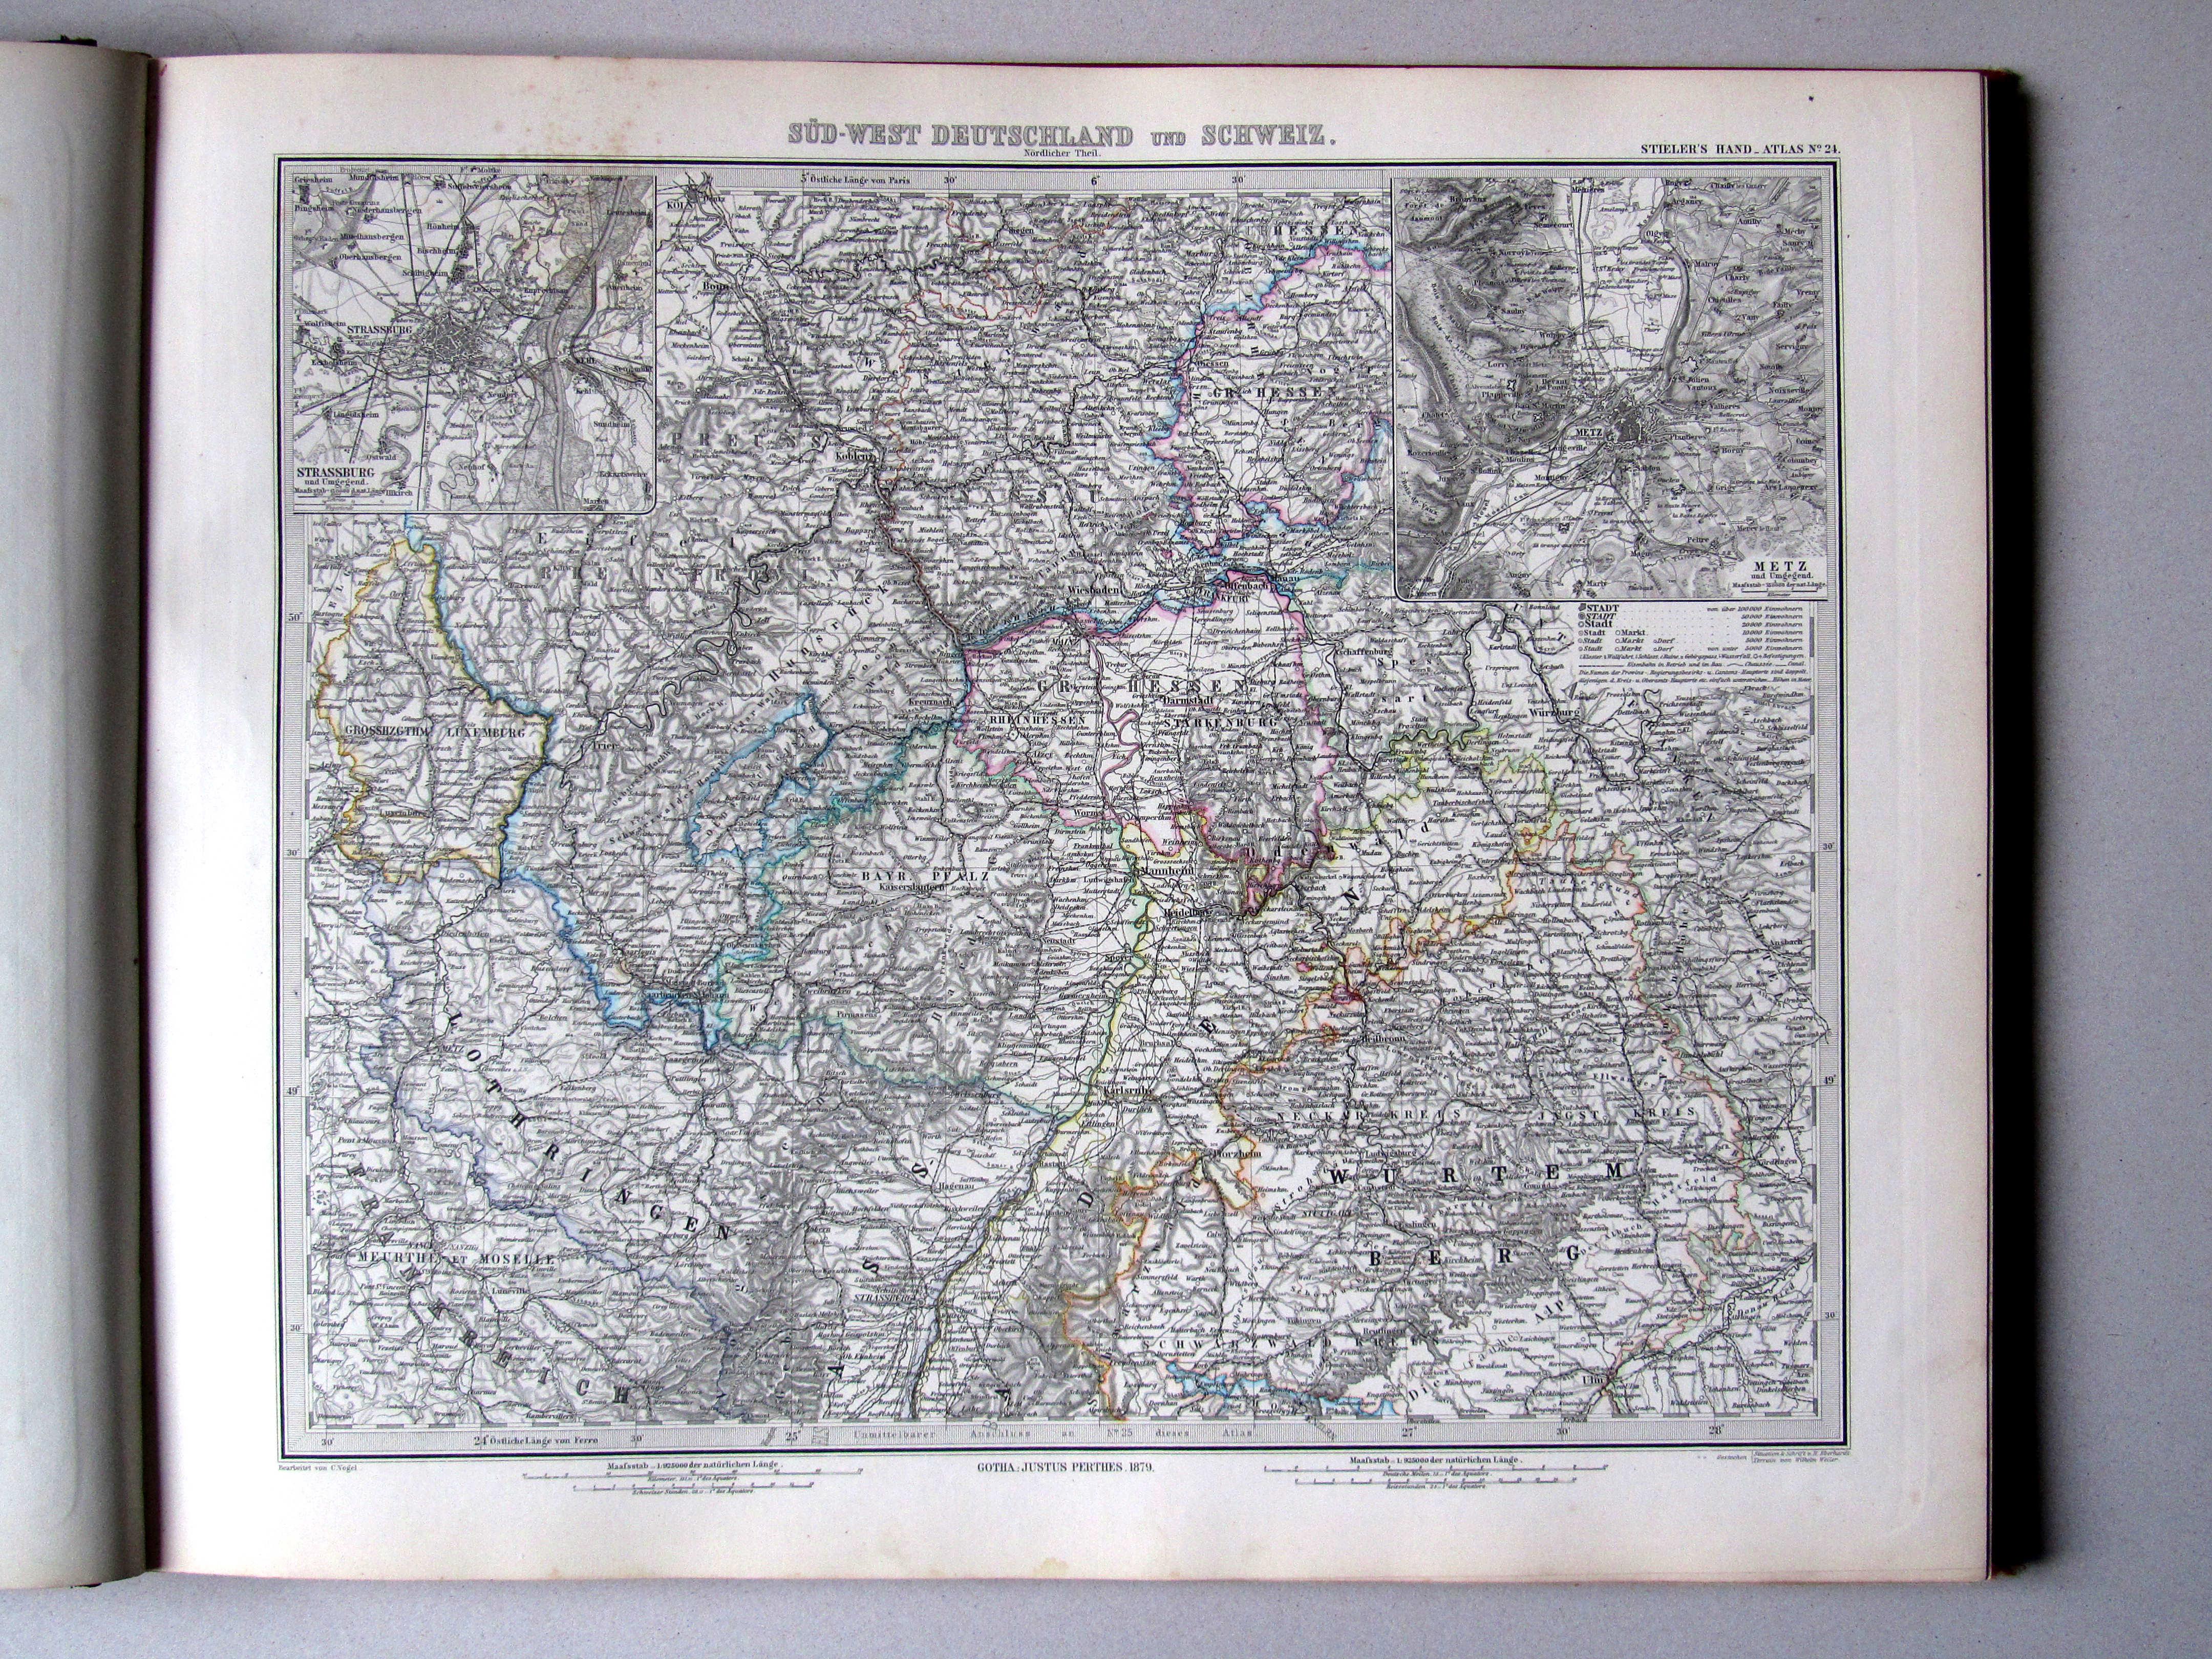 P stielers hand atlas 7e druk uitgave 1882 - Noordelijke deel ...